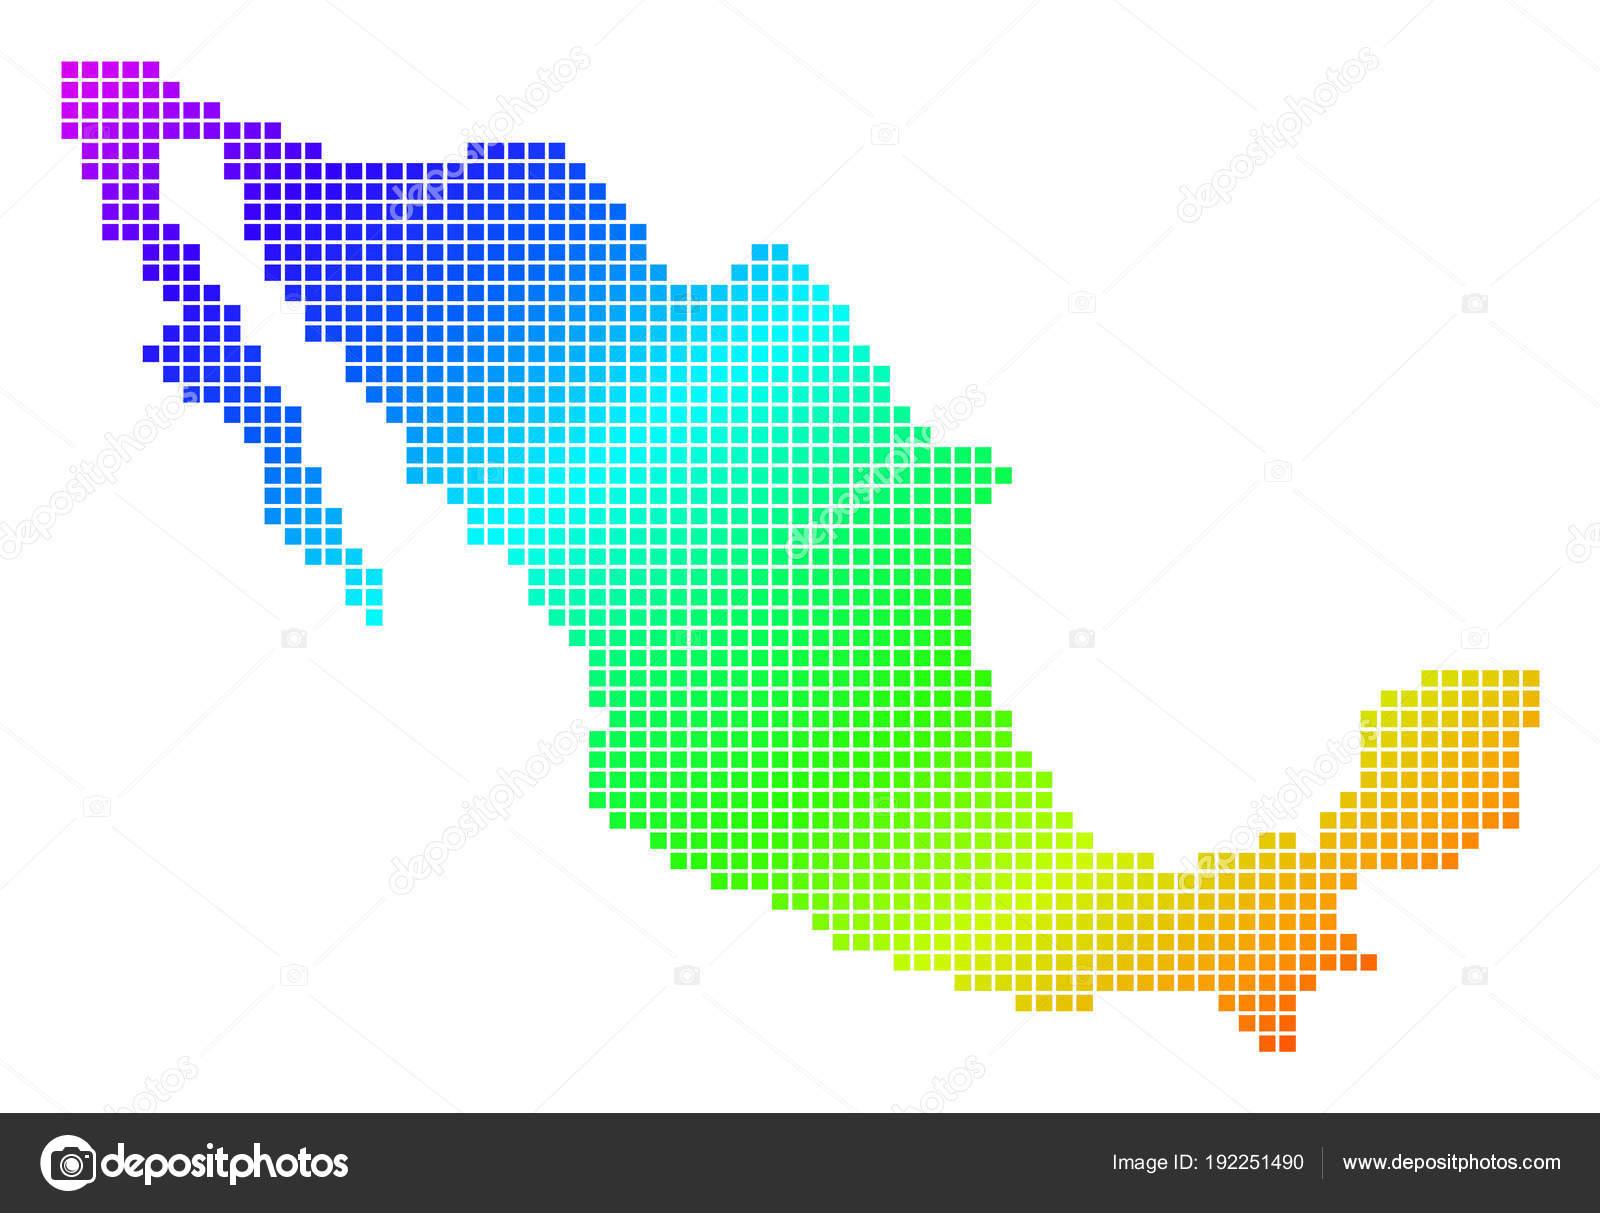 Vektor Landkarte In Leuchtenden Farben Auf Weißem Hintergrund. Spektrum Hat  Diagonalen Farbverlauf. Bunte Vektor Konzept Von Mexiko Karte Punkte  Gemacht ...